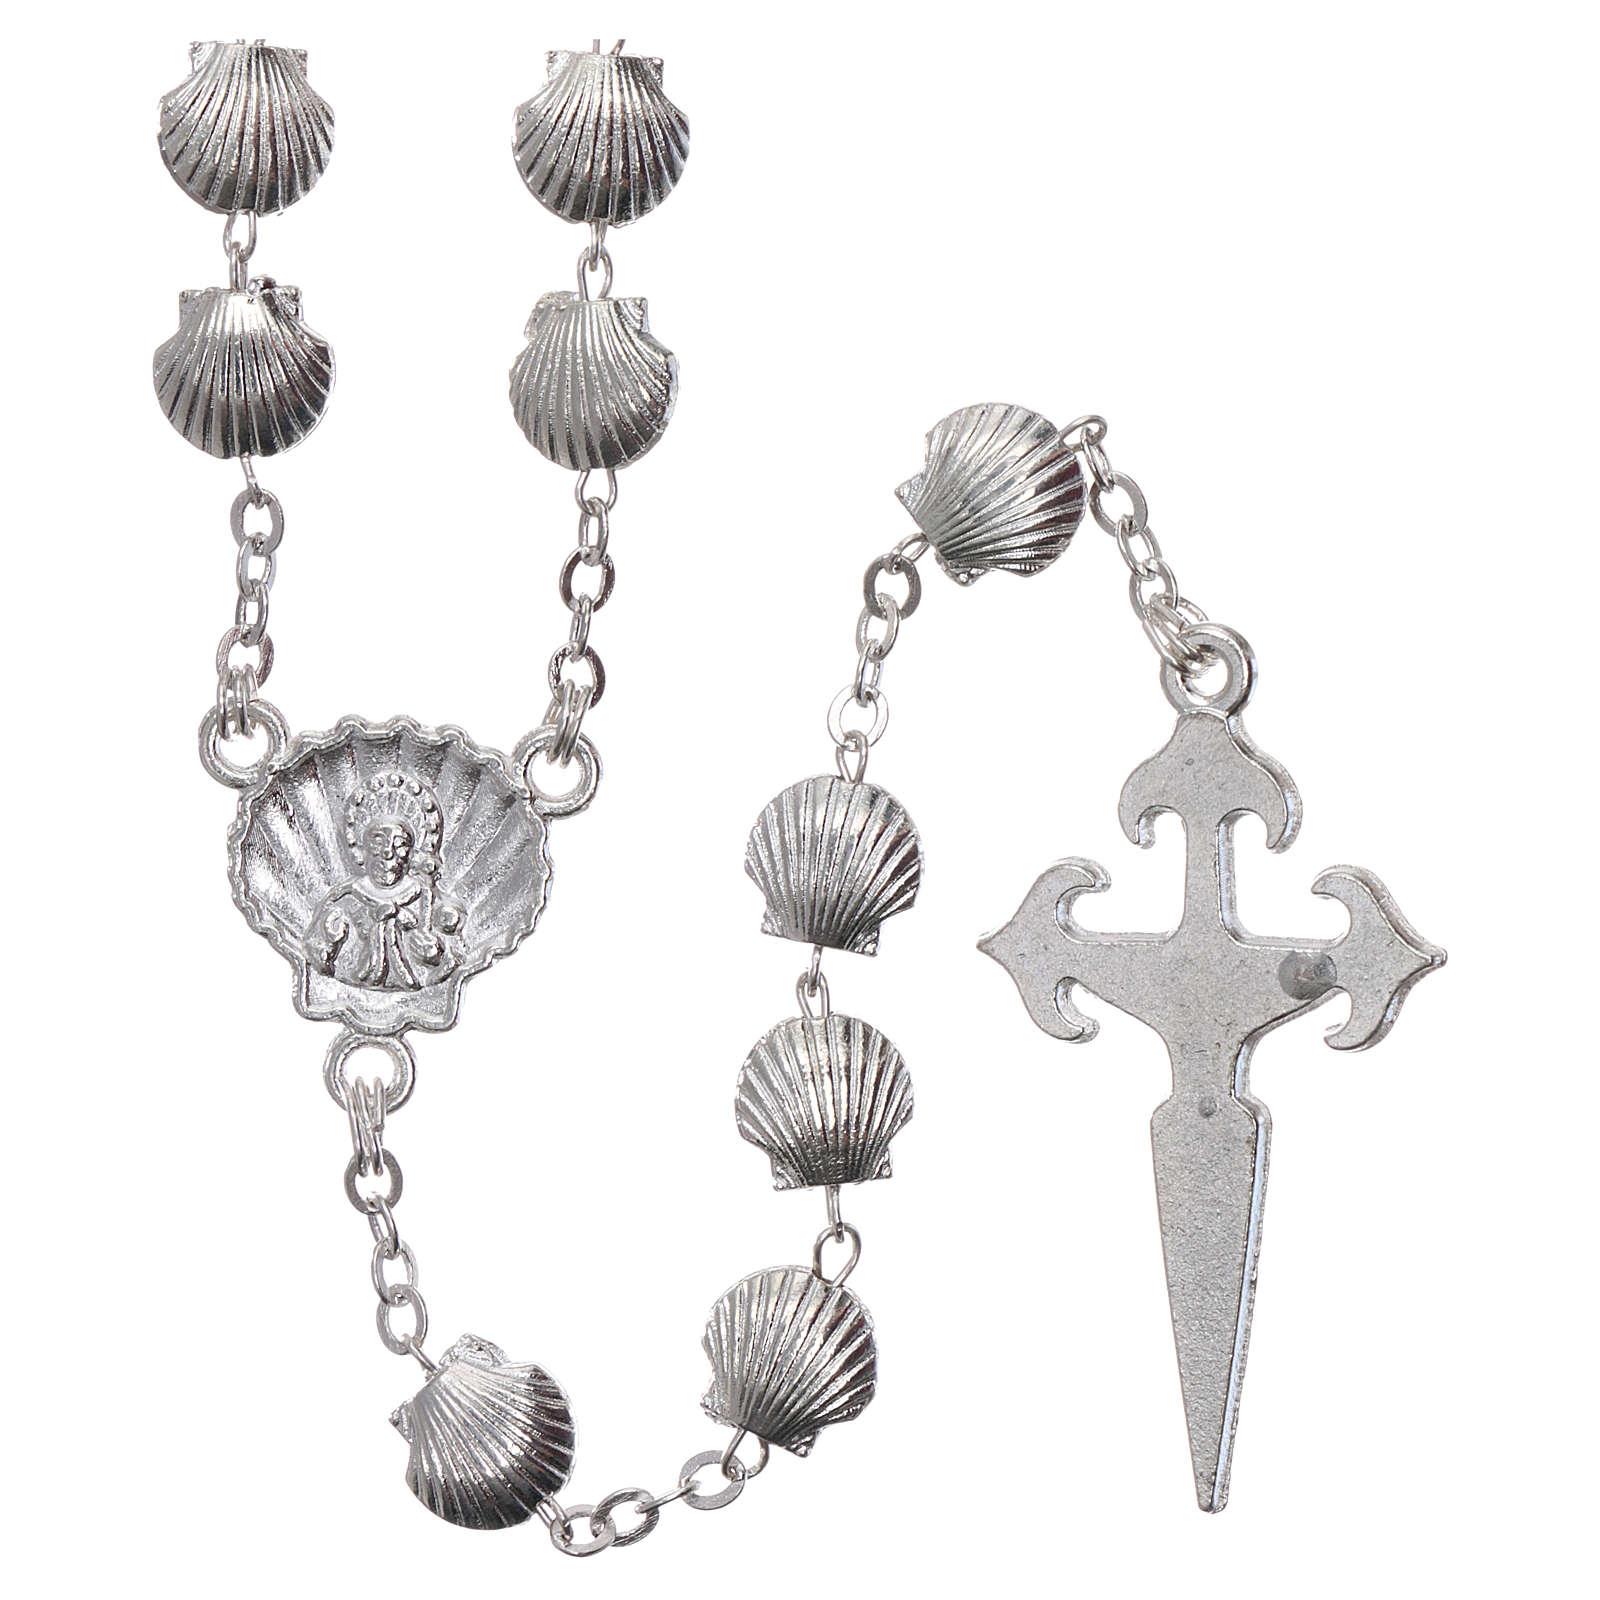 Rosenkranz aus Zamak Perlen in Muschelform 7 mm 4